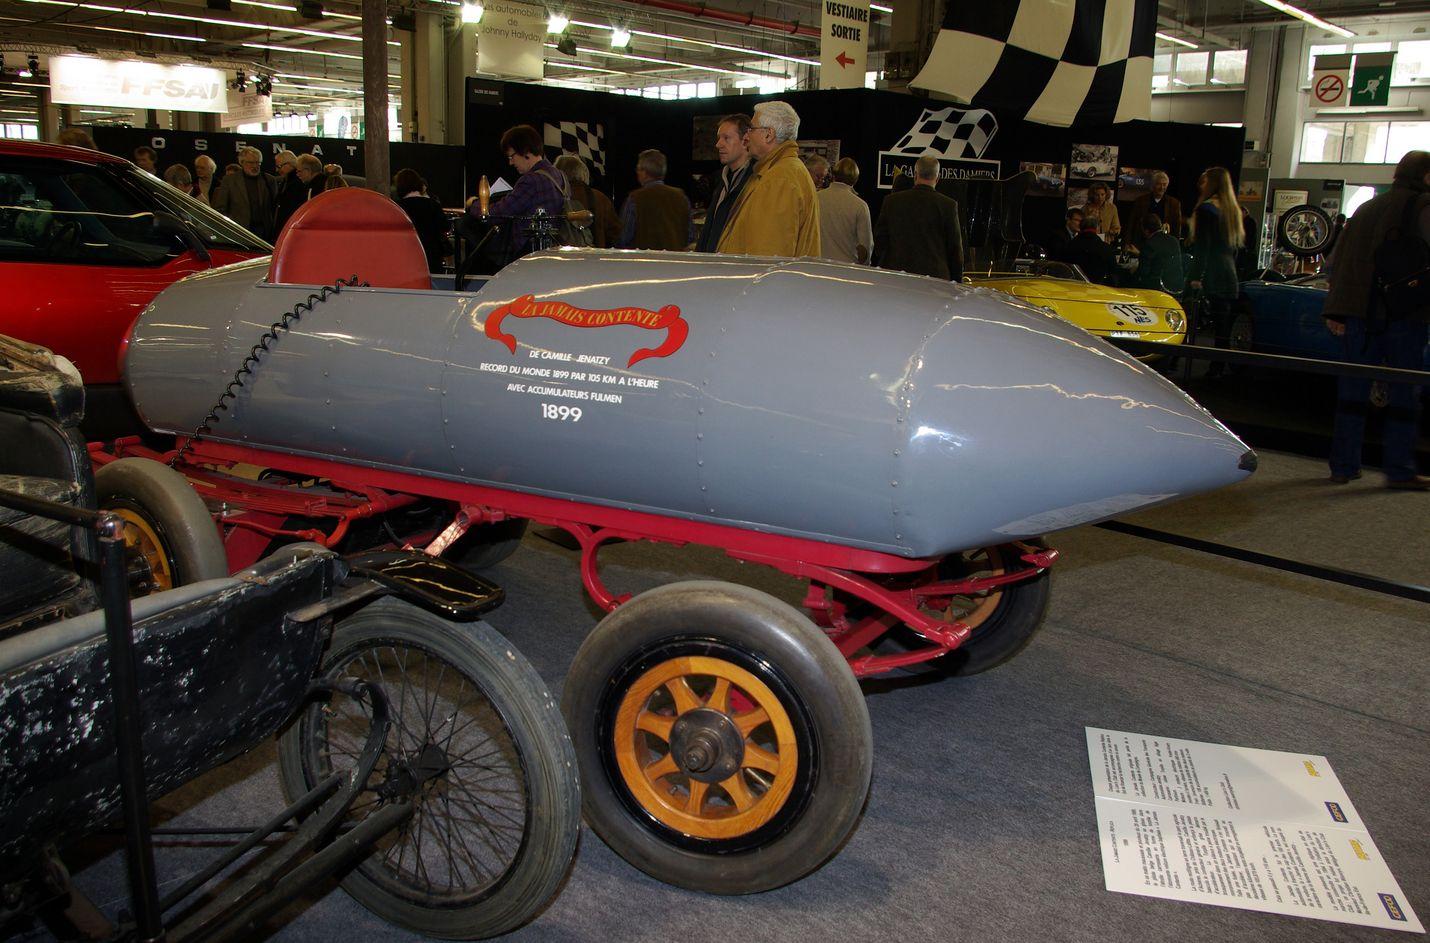 """""""Jamais contente"""" (ei koskaan tyytyväinen) ylitti ensimmäisenä autona maailmassa 100 kilometrin tuntivauhdin haamurajan. Voimanlähteenä toimi kaksi Postel-Vinay-sähkömoottoria, joiden kokonaisteho oli 50 kilowattia."""